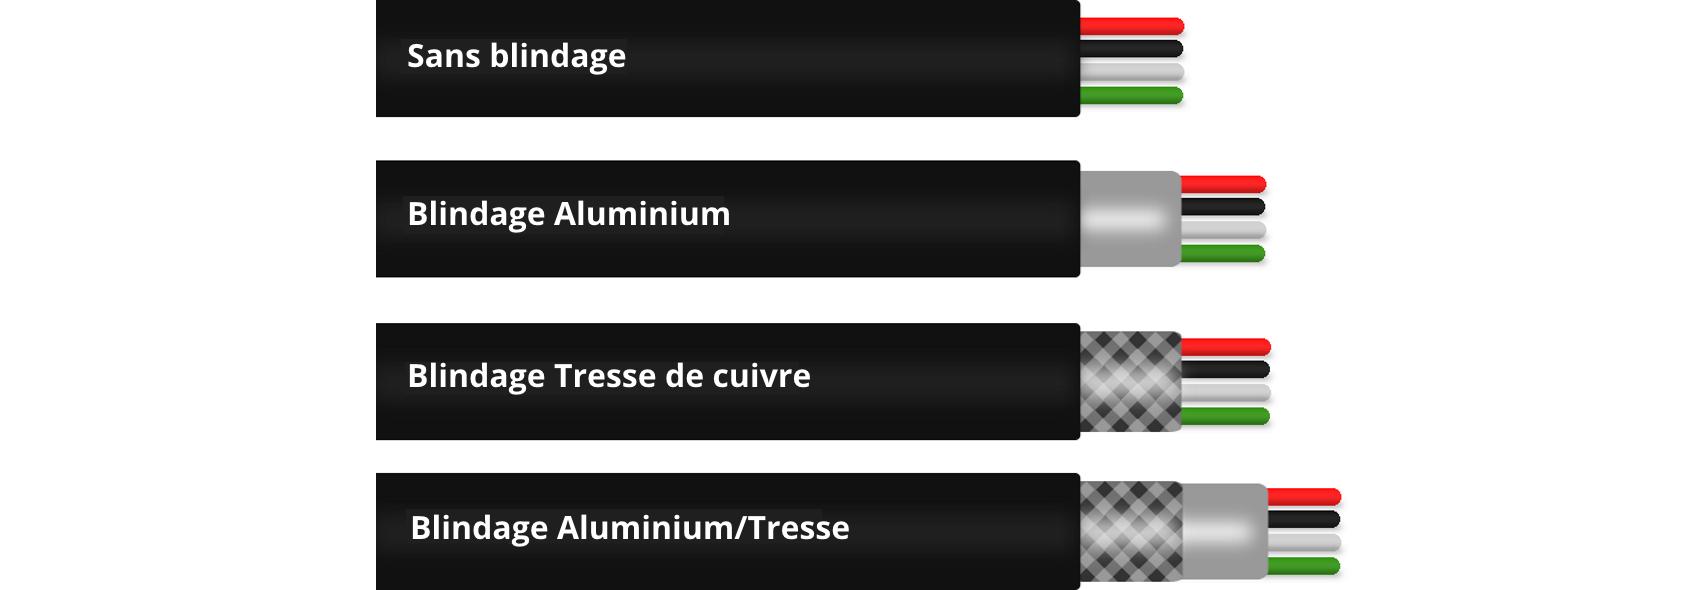 Les différents types de blindage